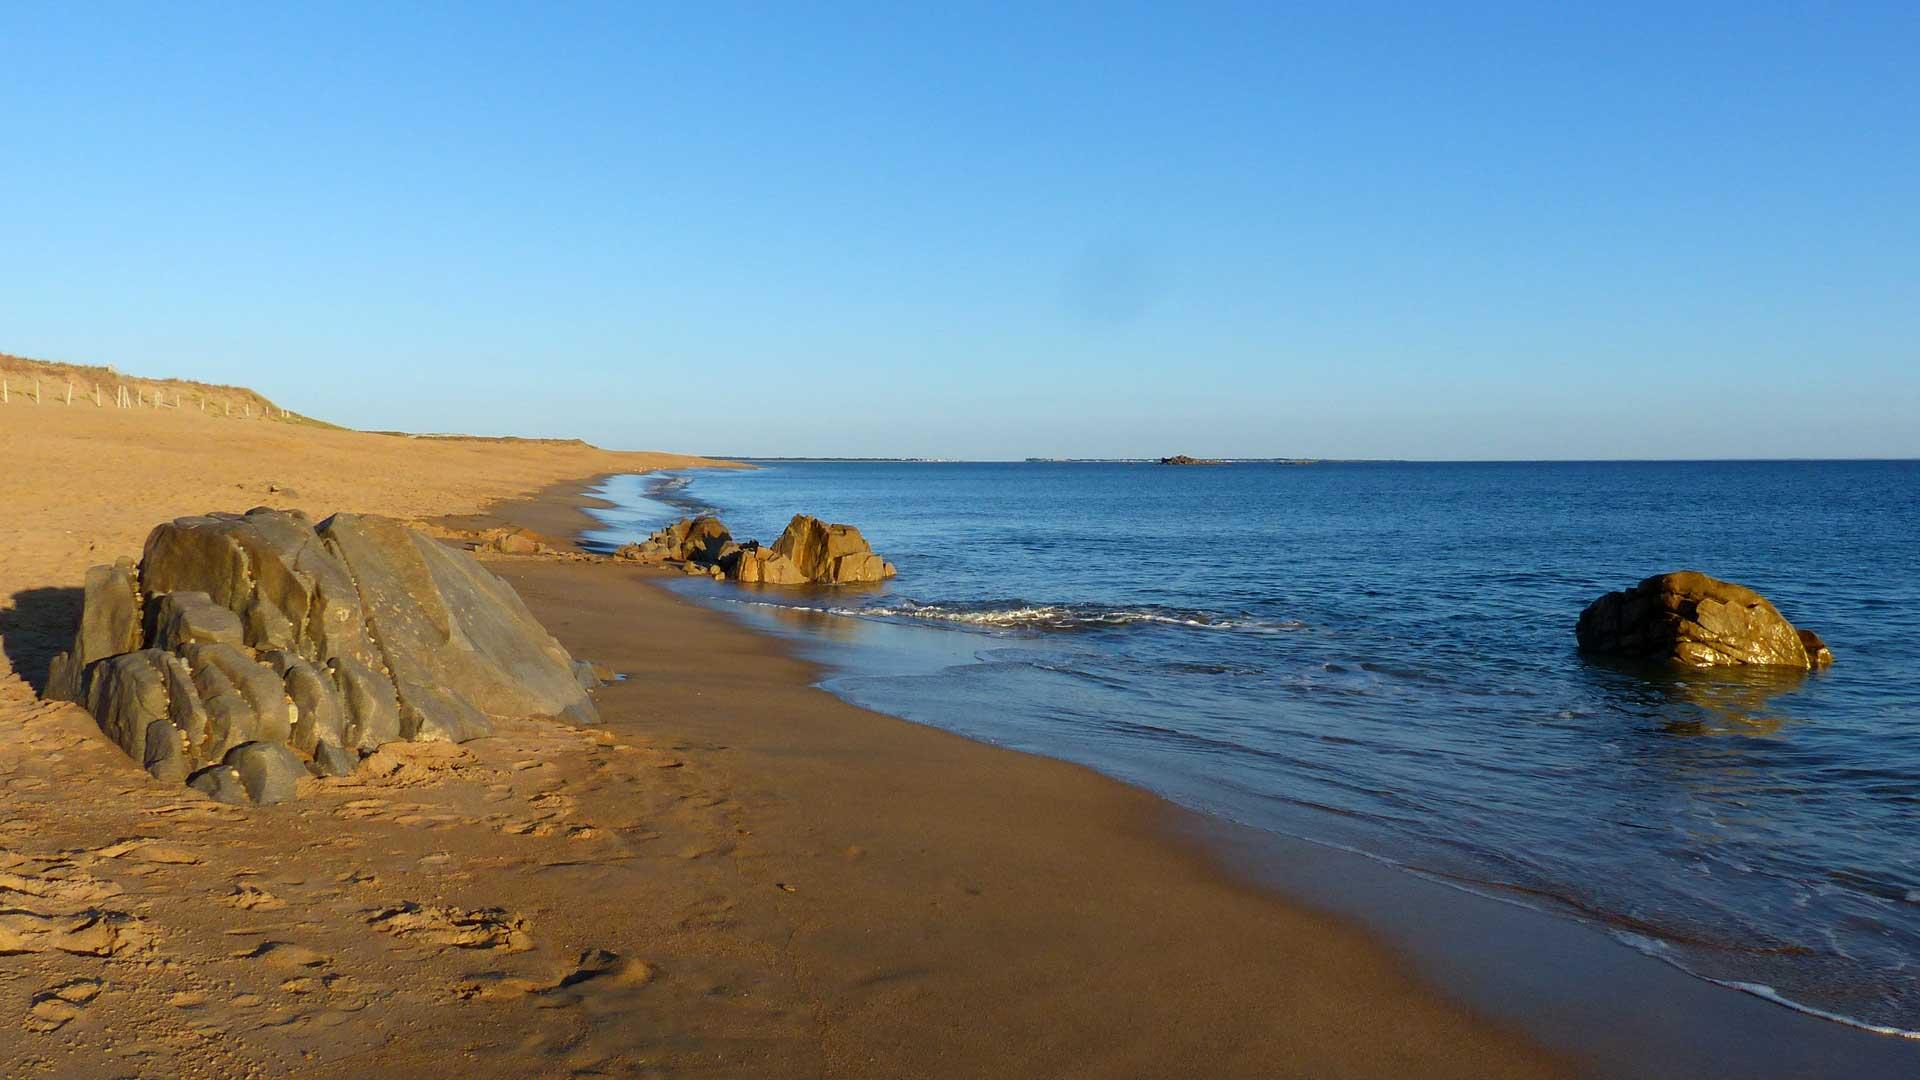 Nettoyage de plage à Erdeven